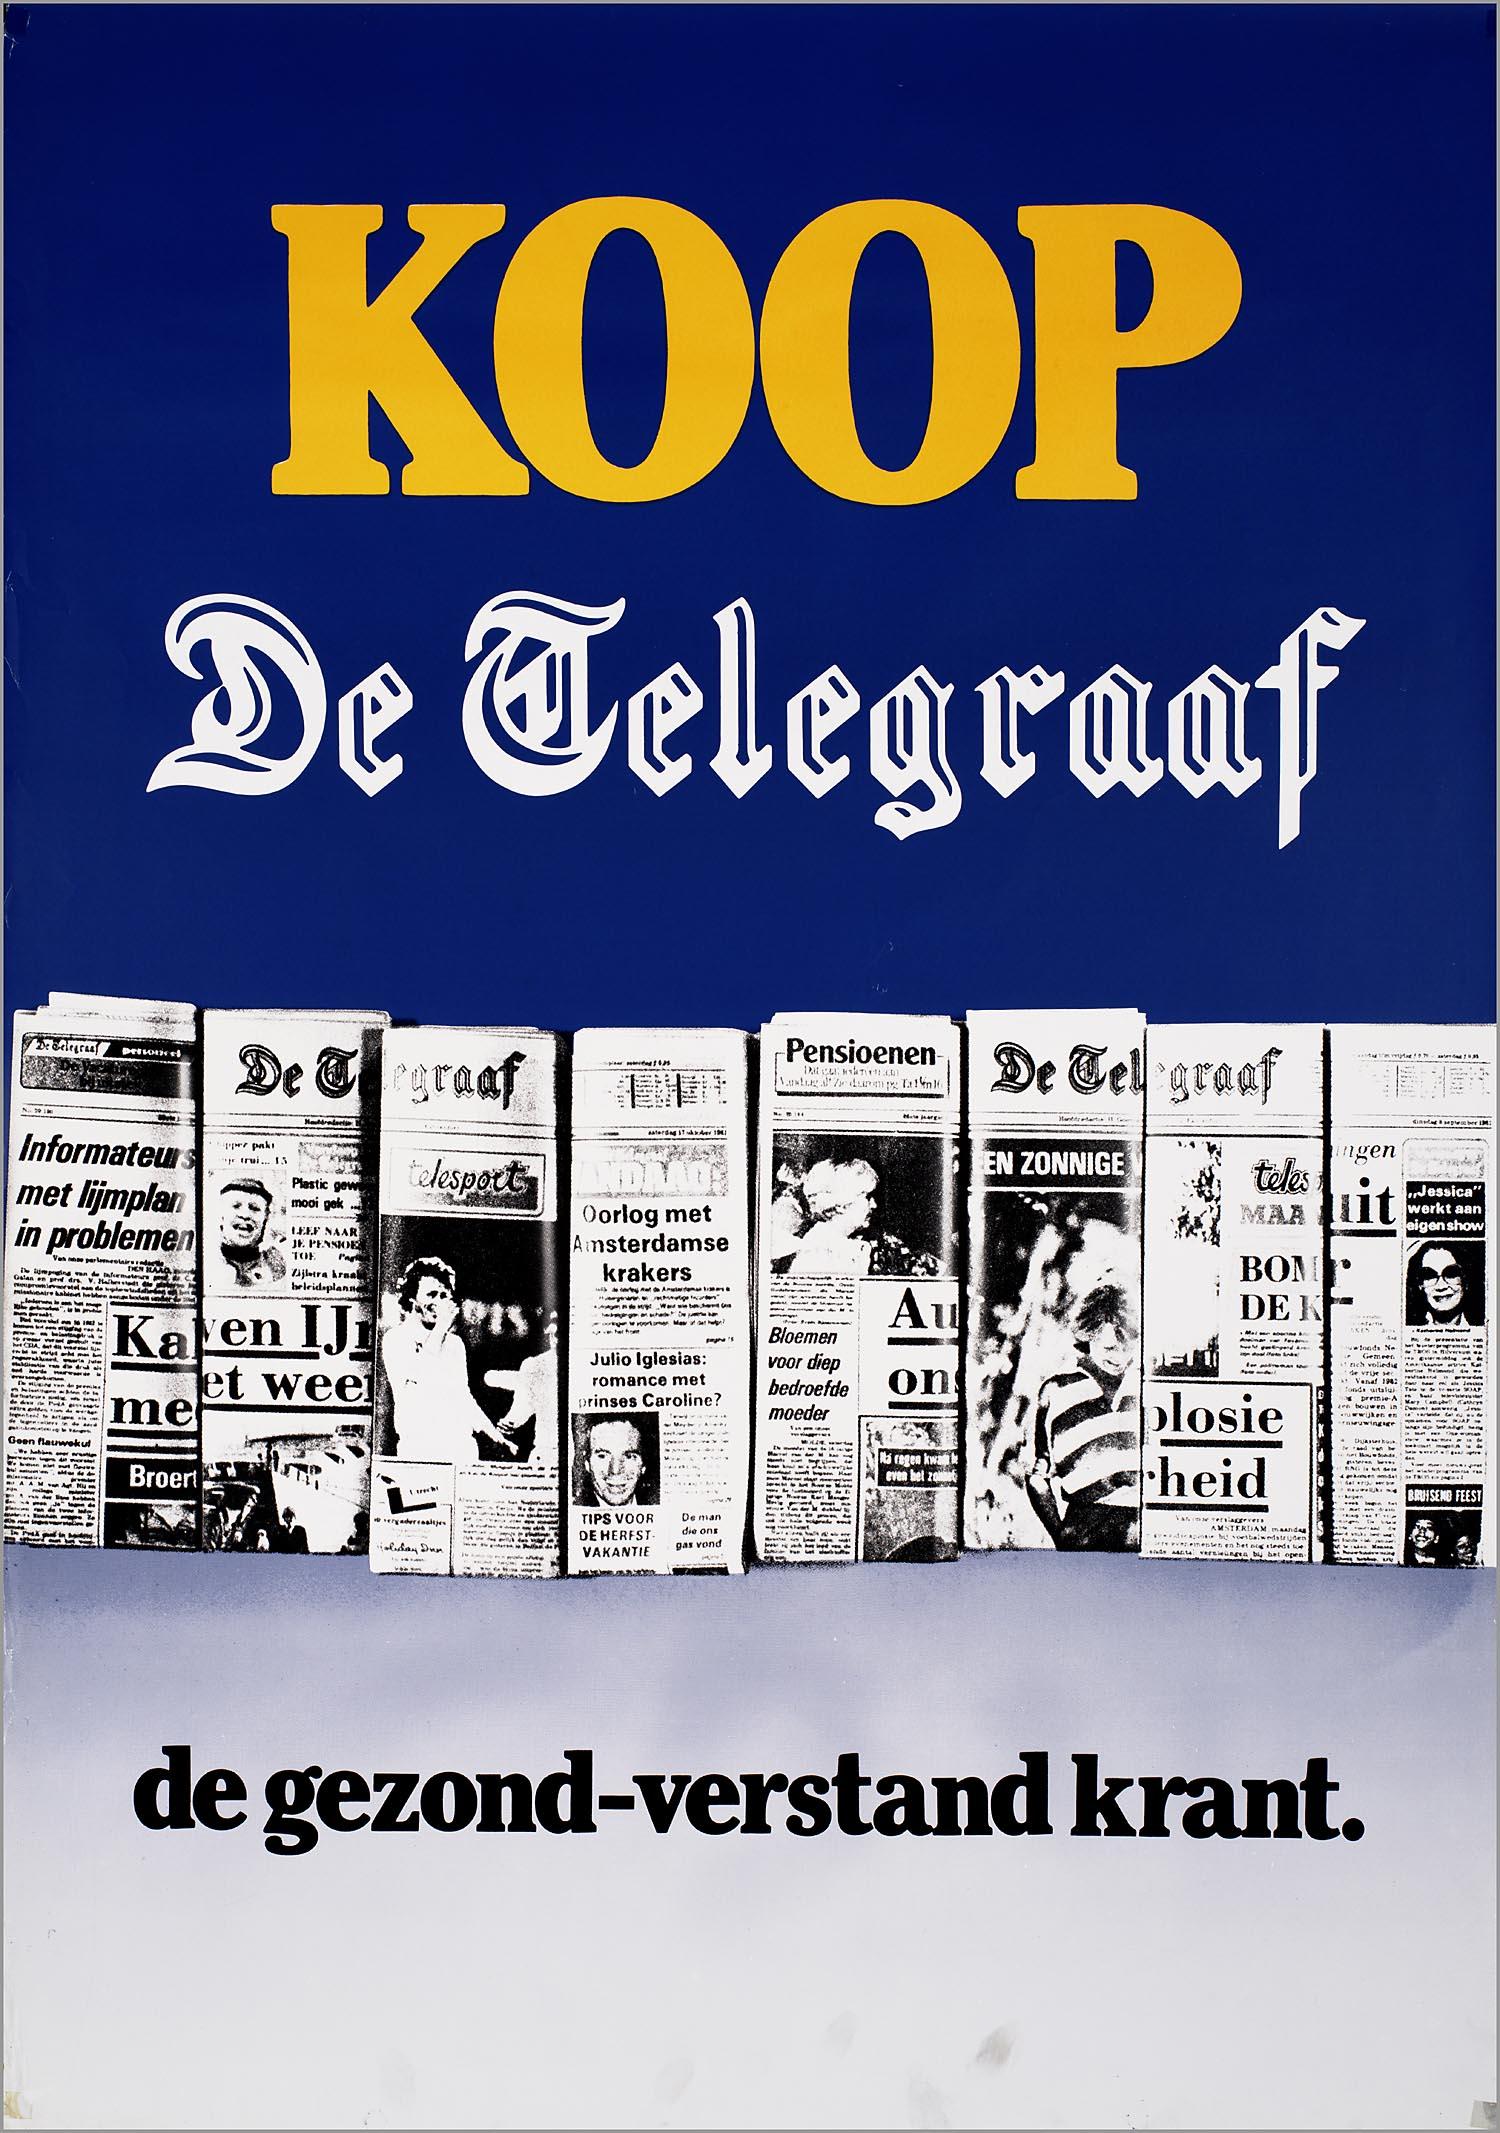 Koop De Telegraaf De Gezond Verstand Krant Het Geheugen